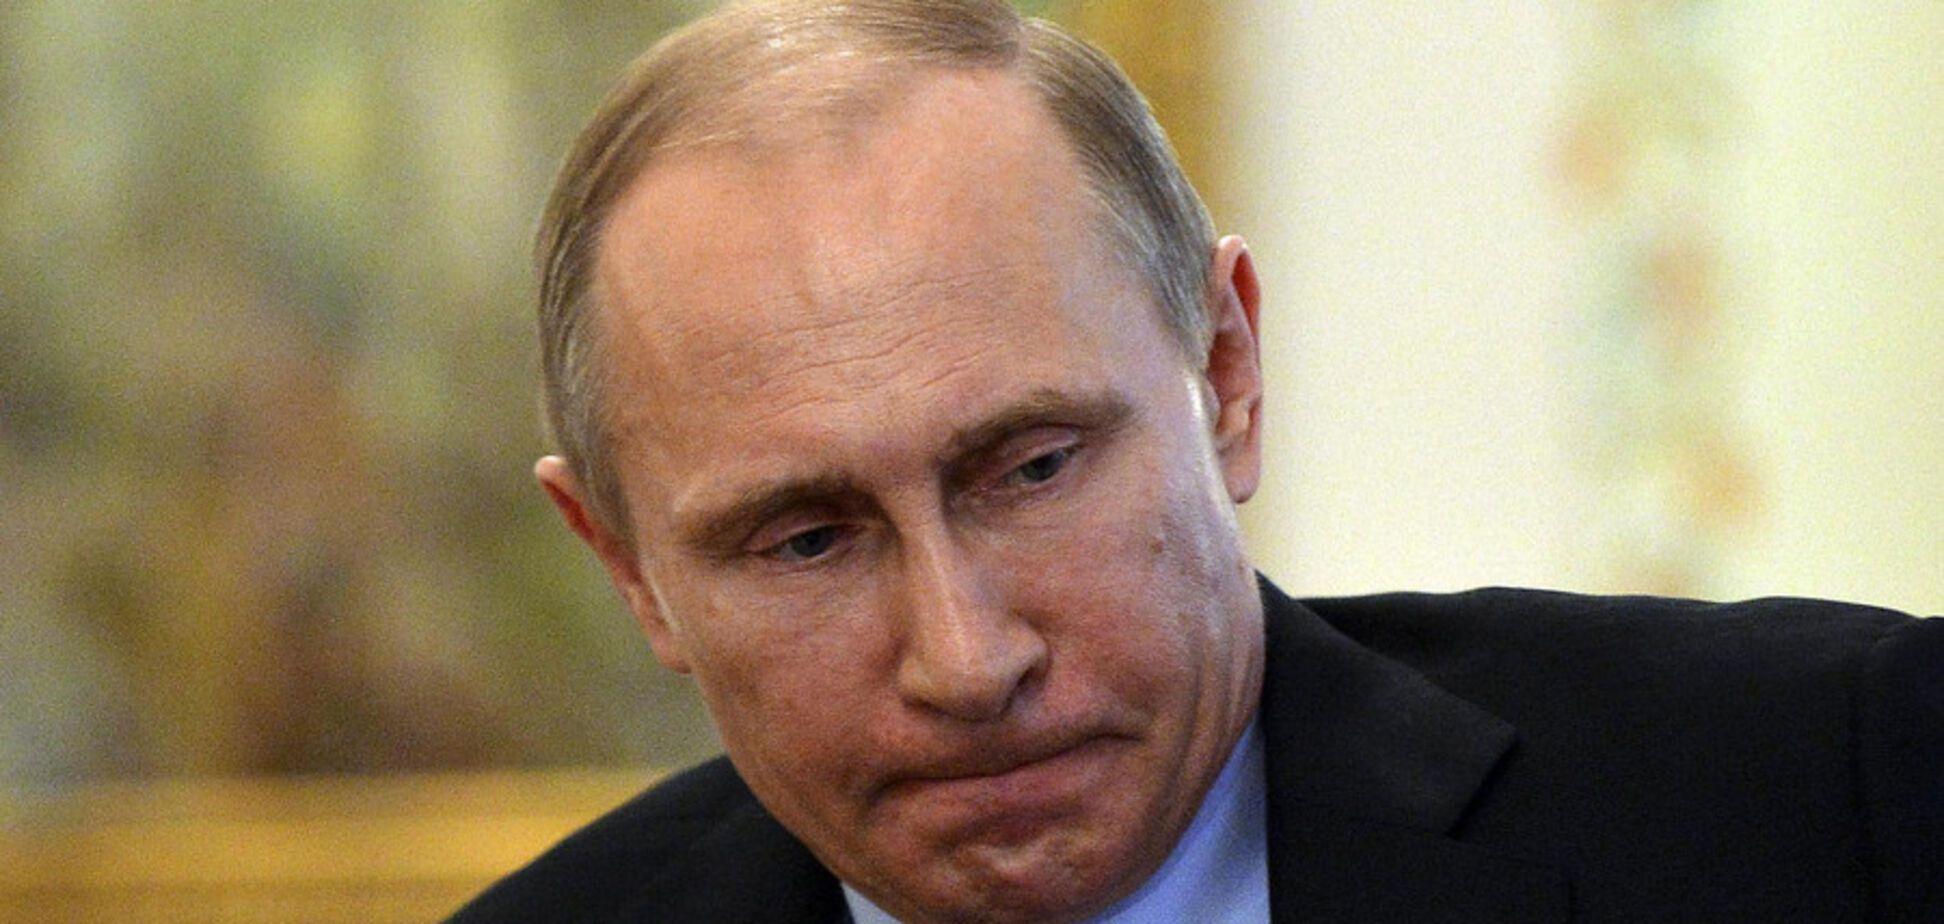 Путин пойдет ва-банк: Украину предупредили о новой масштабной угрозе